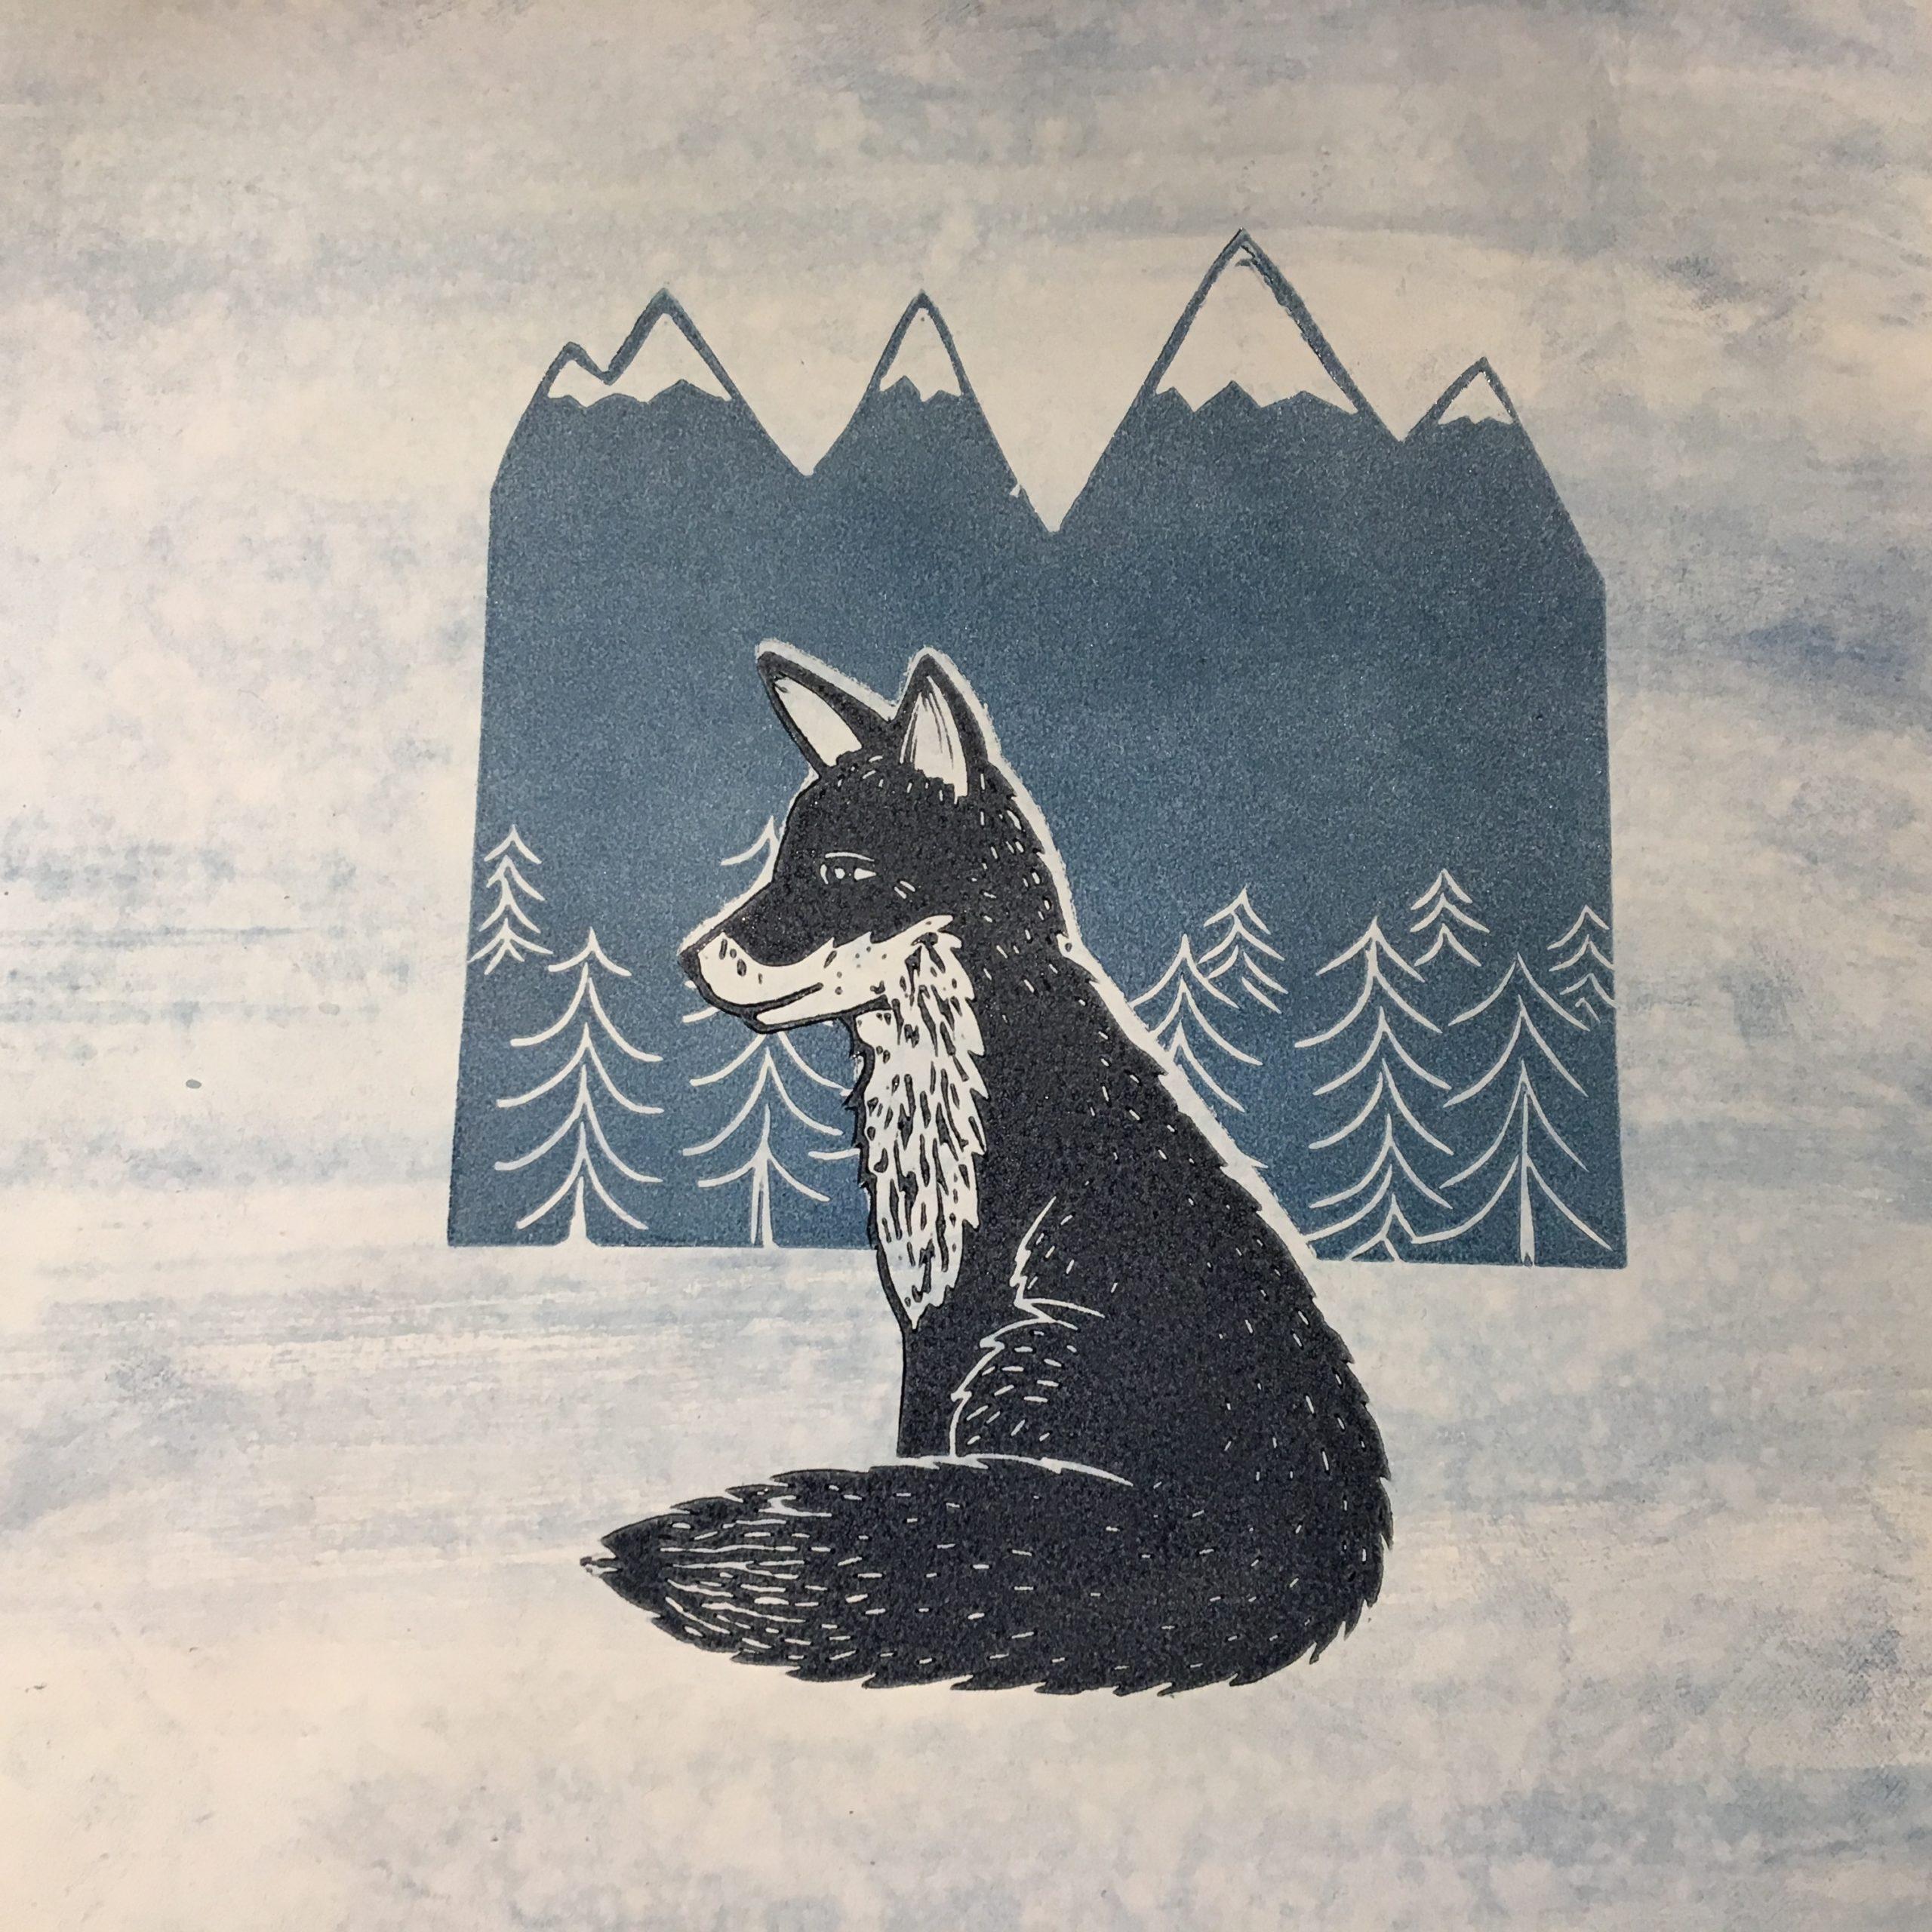 LinoLino | Linogravure et créations à partir d'impressions artisanales | Chambéry, France | Linogravure renard montagne